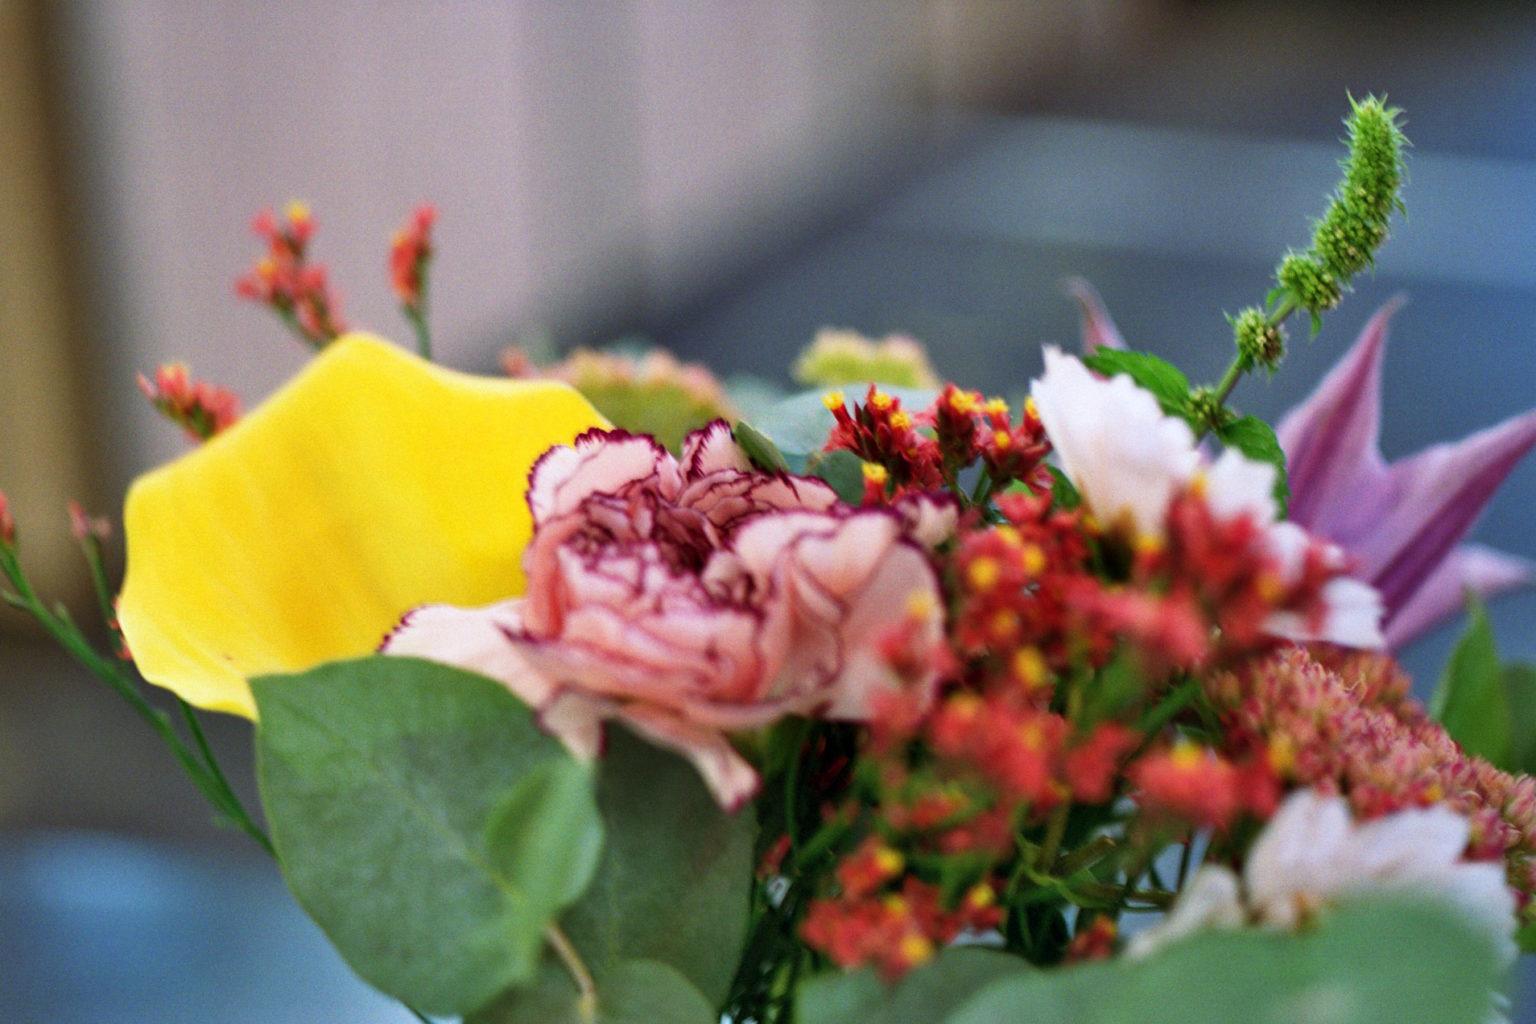 au-paradis-des-fleurs-neuville-sur-saone-fleuriste-sessile